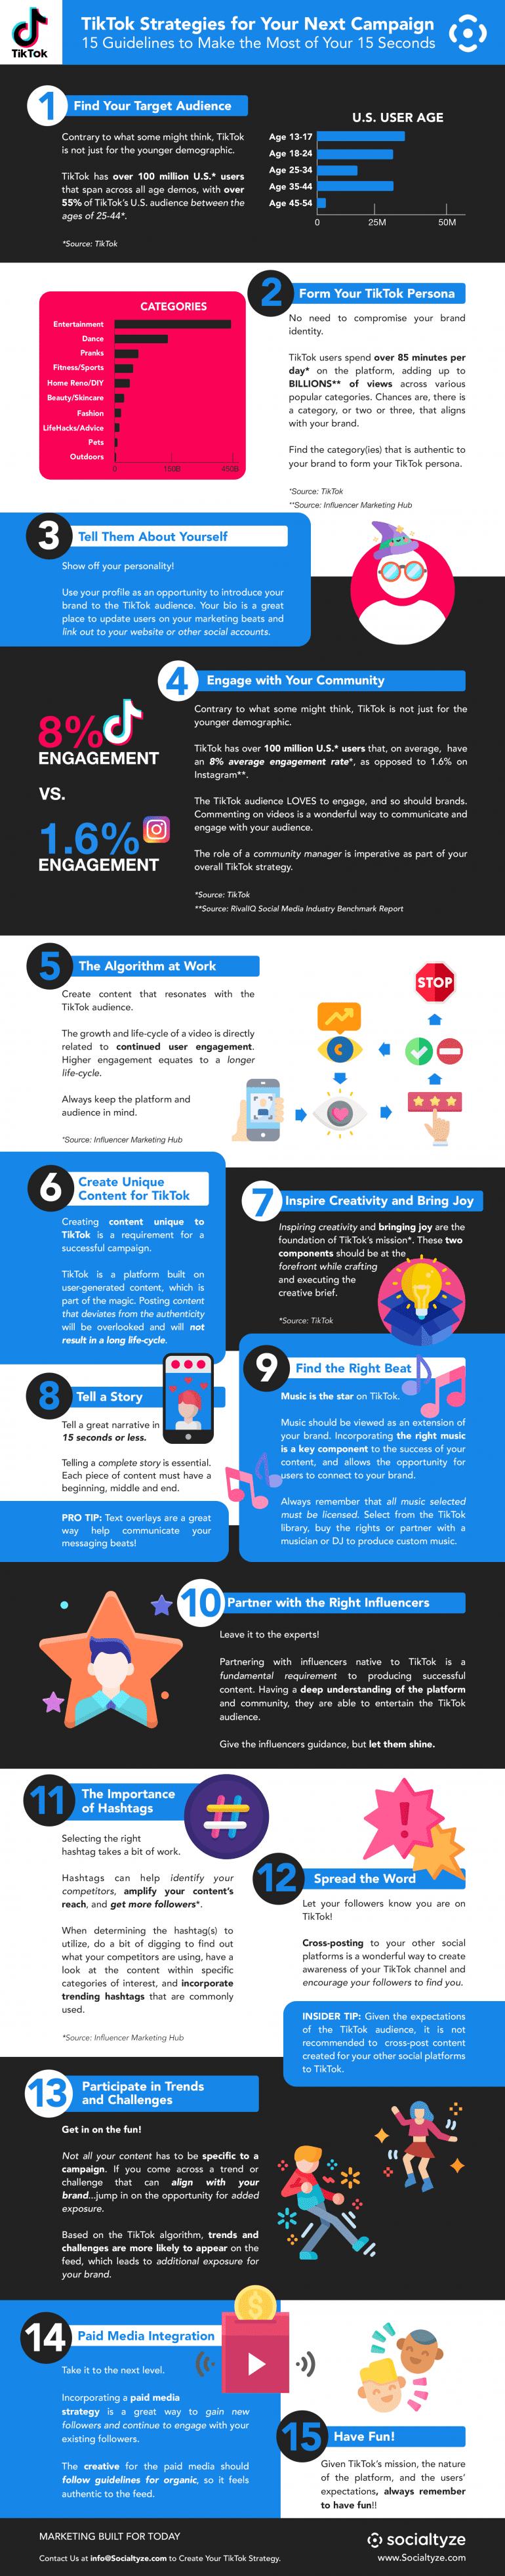 15 tips voor jouw TikTok-campagne [infographic]